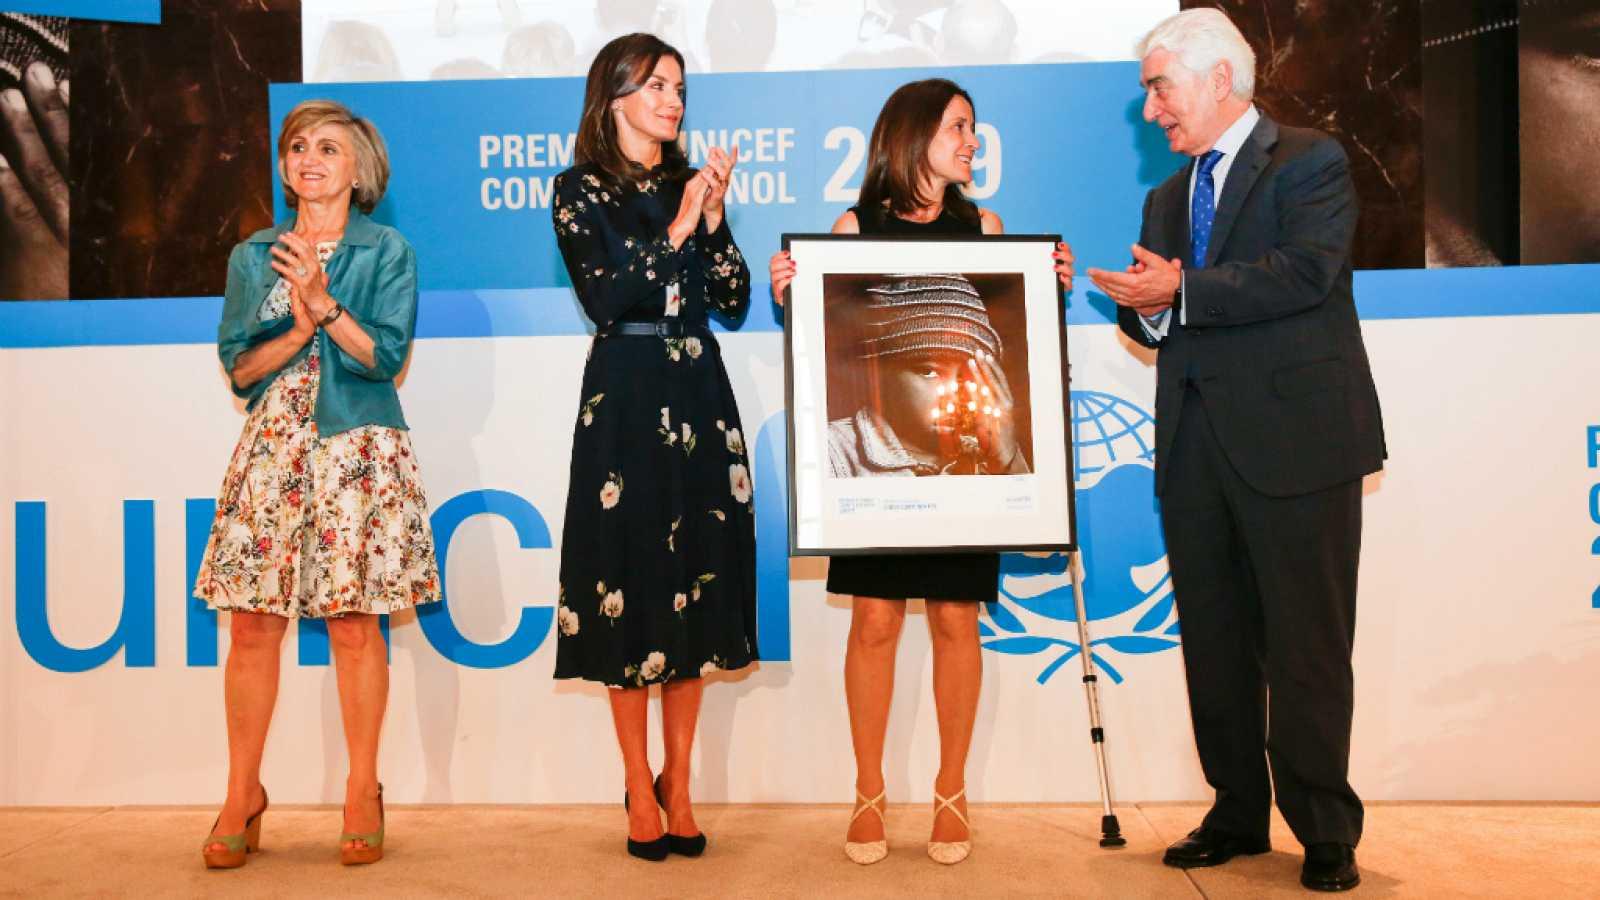 14 horas - Cinco continentes de Radio 5 recibe el Premio Unicef 2019- Escuchar ahora